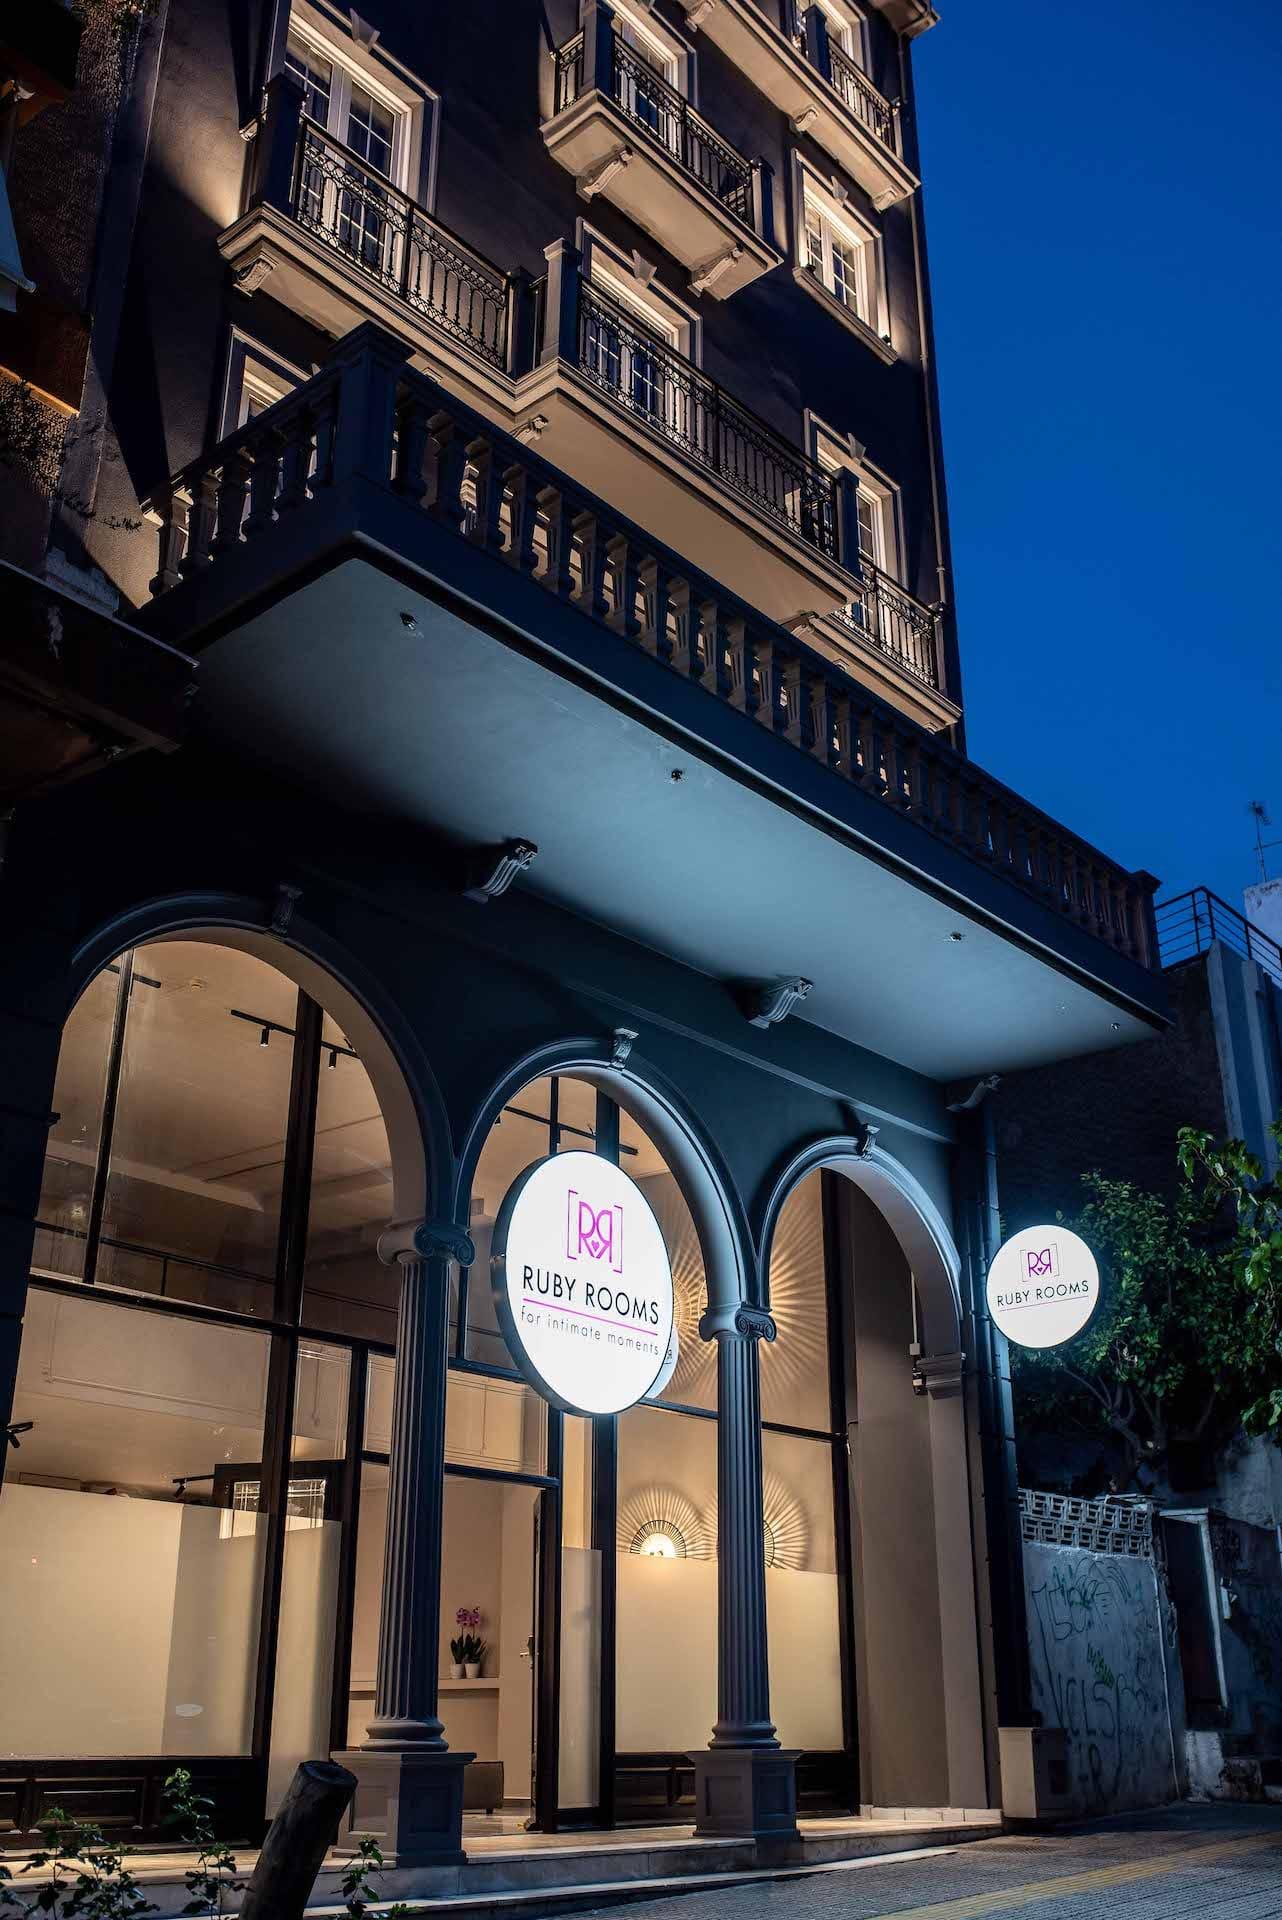 Το Ruby Rooms. Ξενοδοχείο για διαμονή και ημιδιαμονή στην Αθήνα.